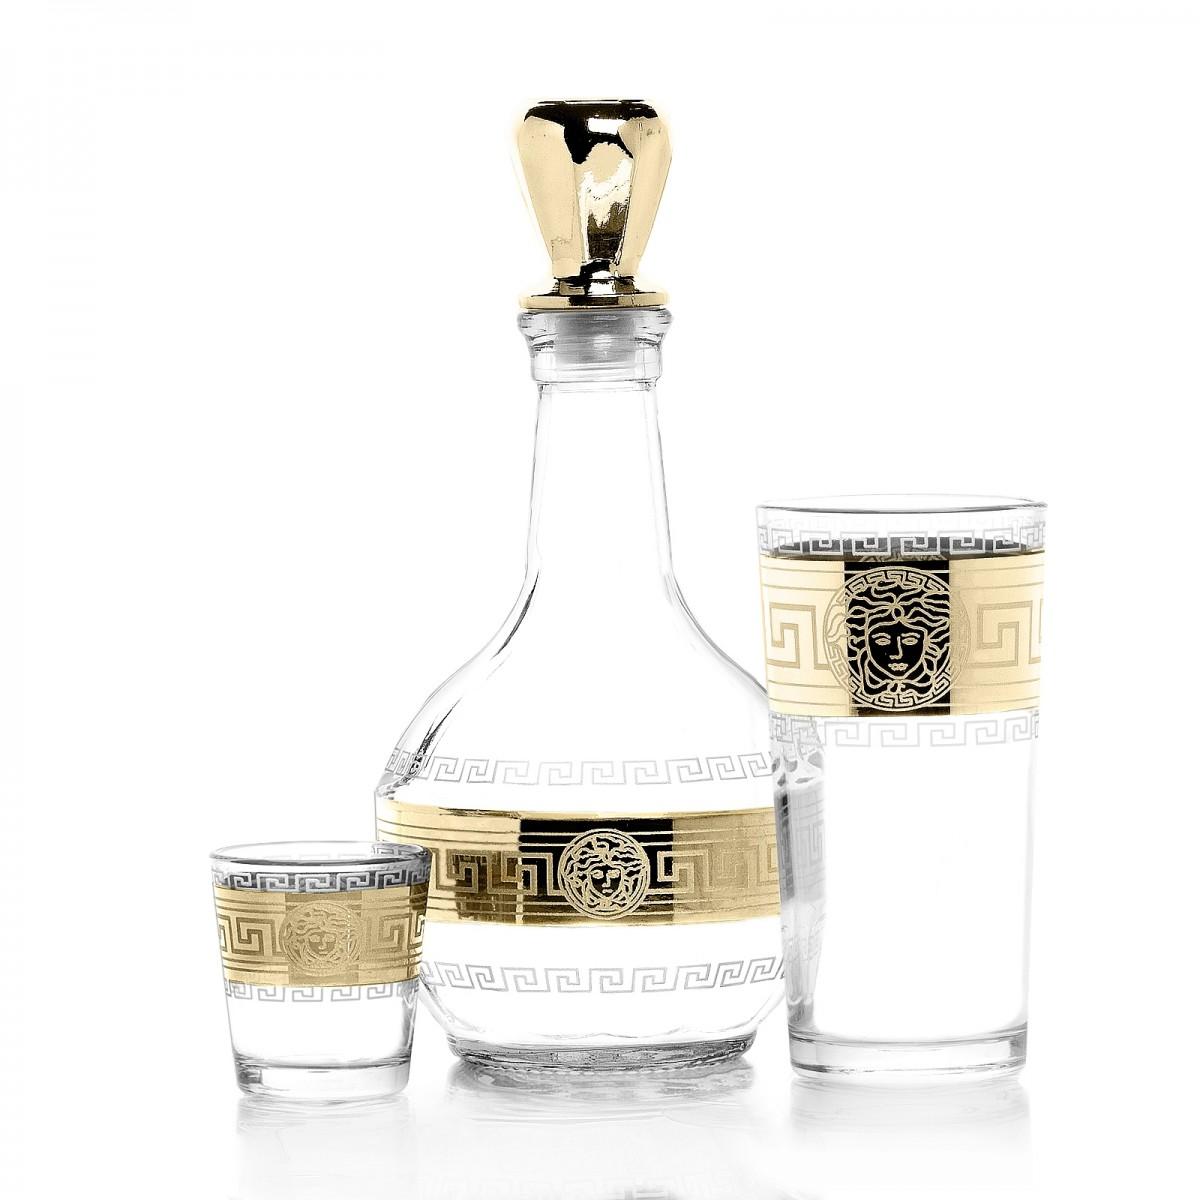 GN3_01_56_50 Набор 13 предметов «Версаль» (Графин + 6 стаканов + 6 стопок)